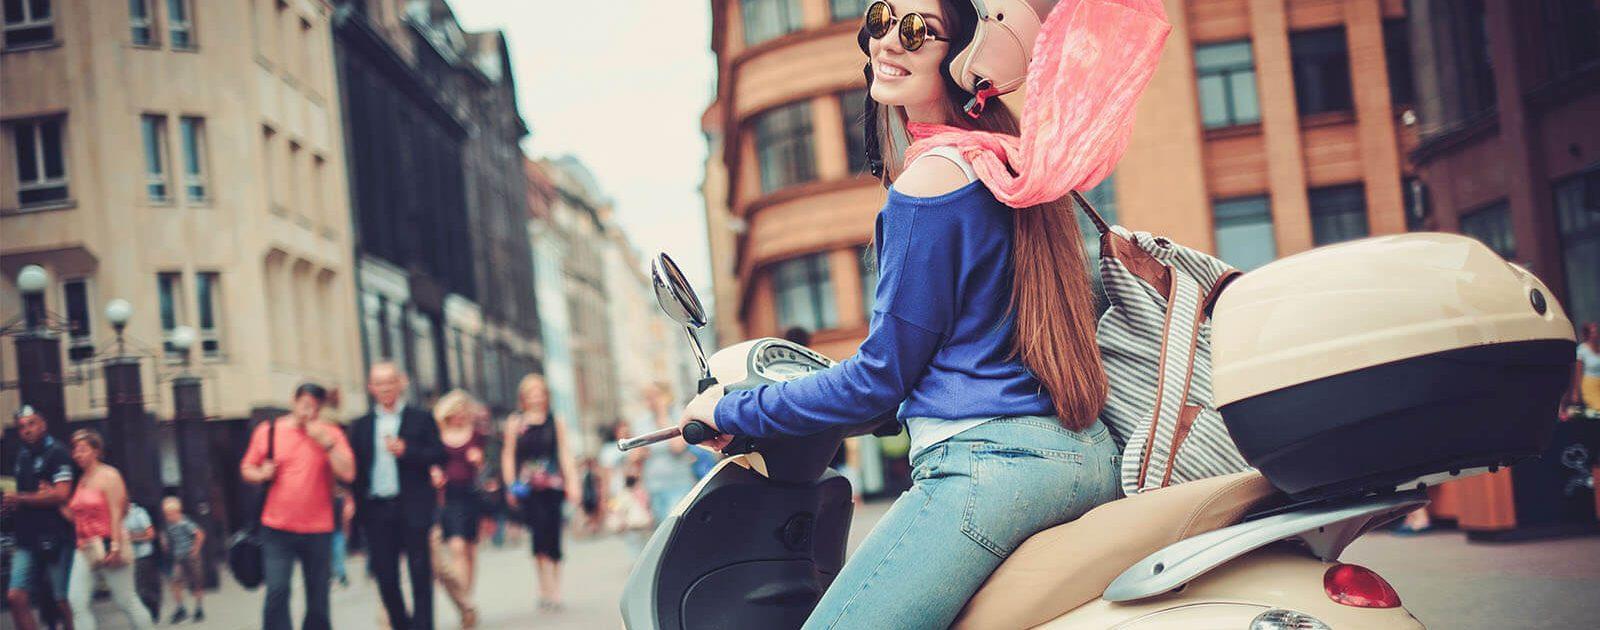 Junge Frau auf einem Roller ist bei der Fahrt Zugluft ausgesetzt und schützt ihren Hals mit einem Schal.